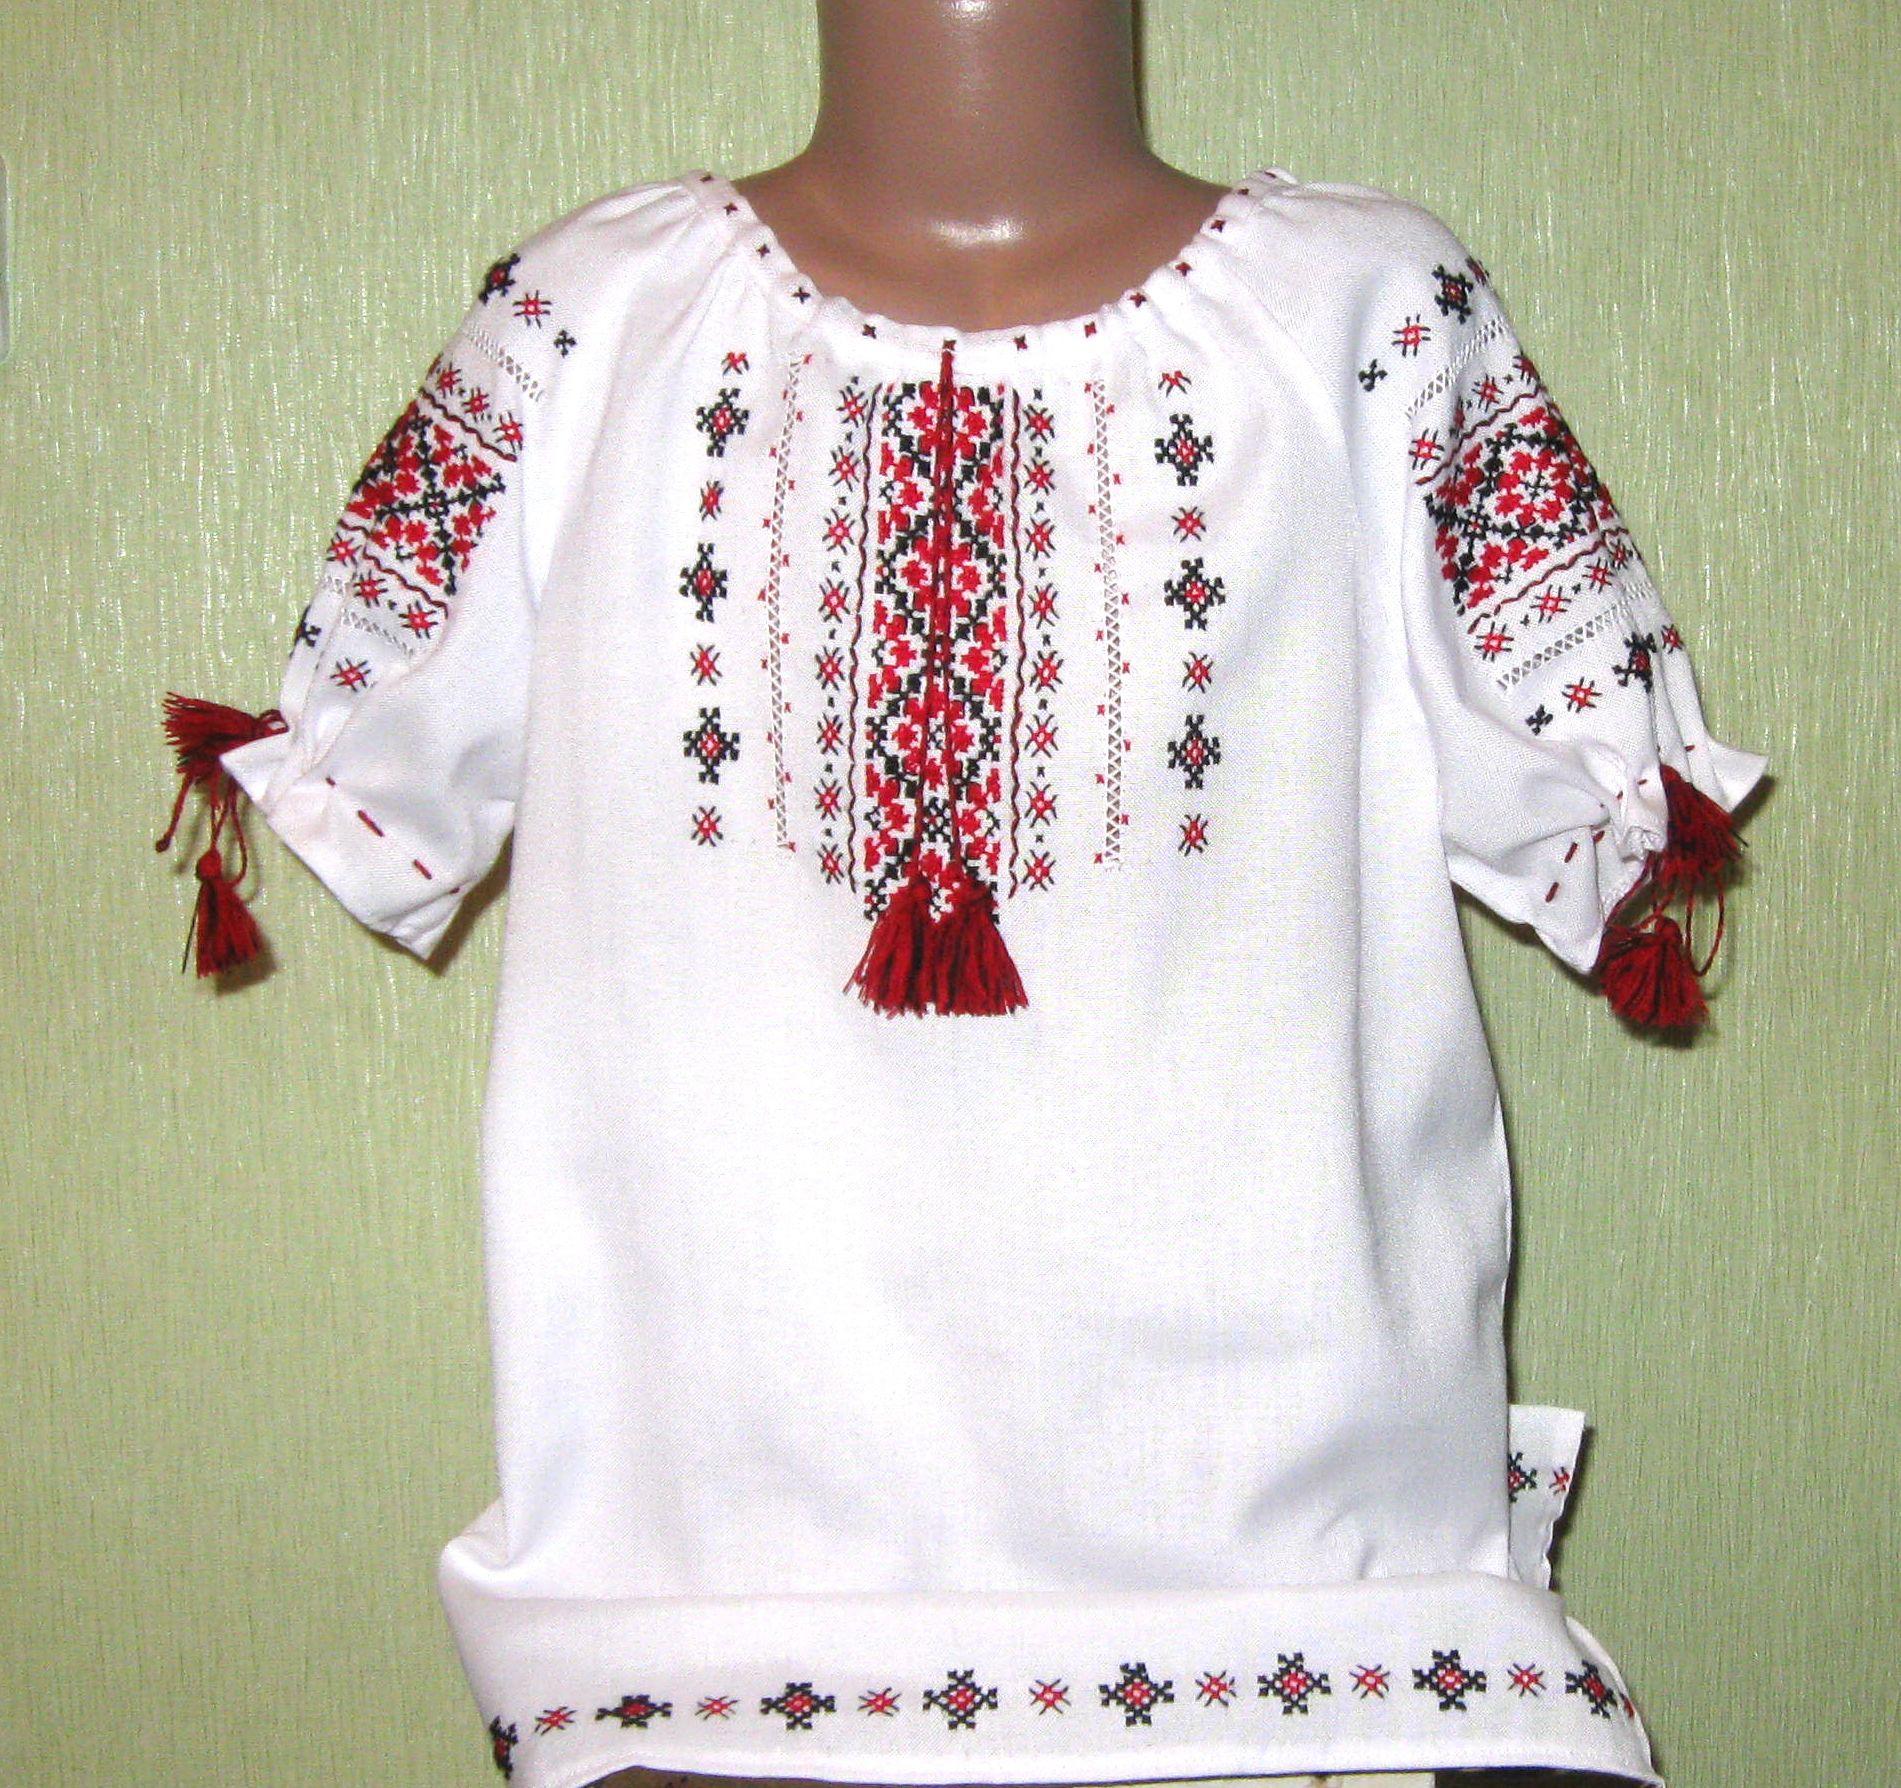 вишиванка для девочки с коротким рукавом - Товары - Вишиванки ручної ... a88159166d162